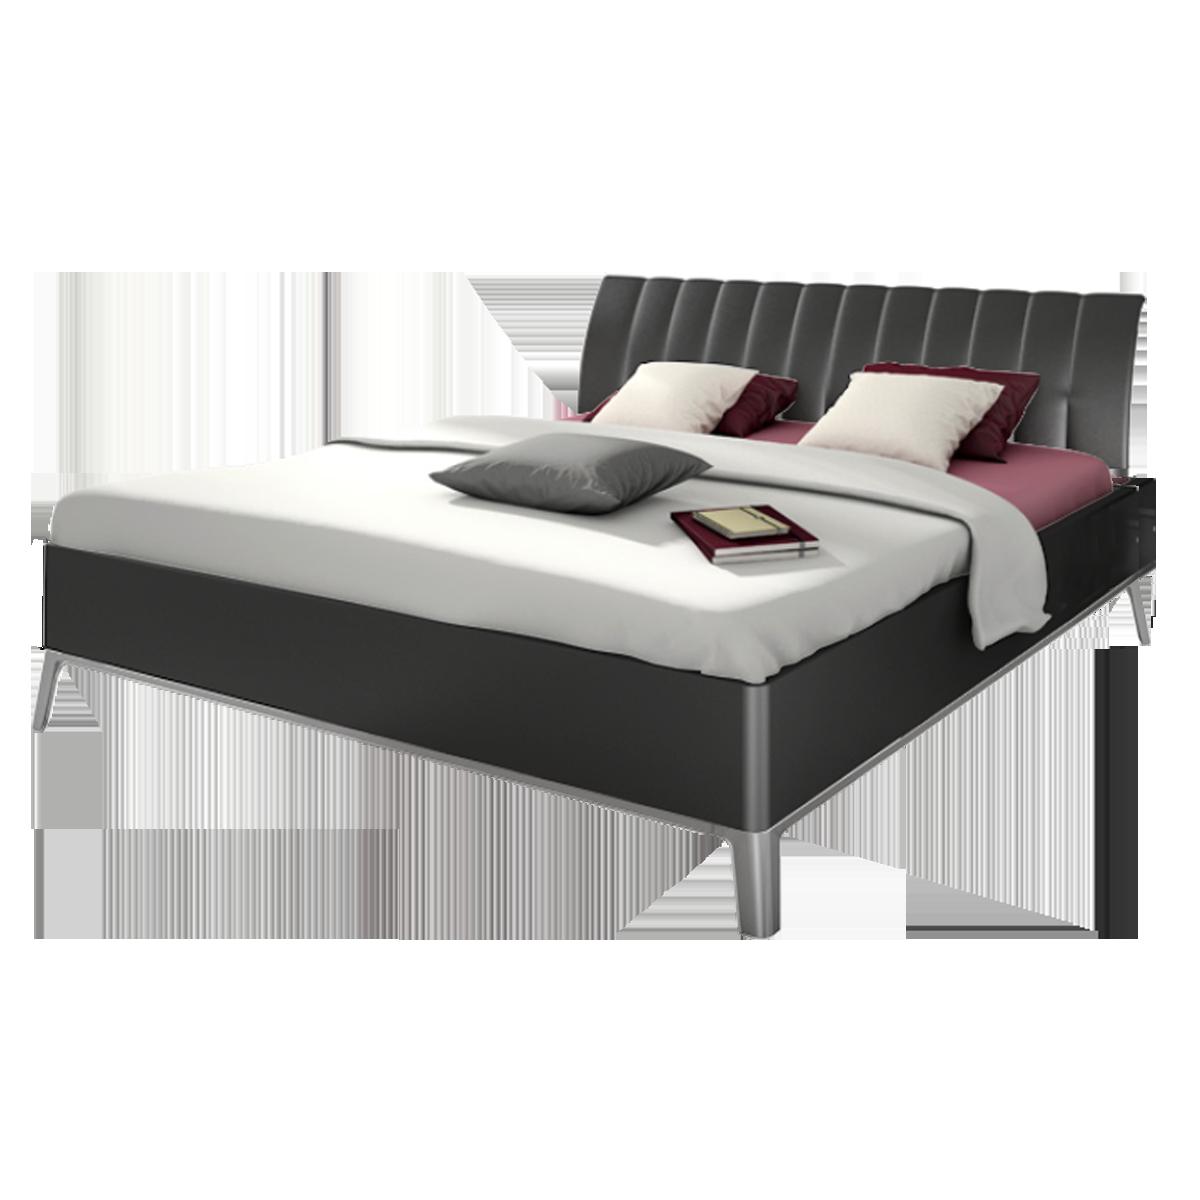 Full Size of Rückenlehne Bett 5d82cc3a890b4 Weiße Betten Günstiges Gebrauchte Himmel 200x200 Komforthöhe Erhöhtes Bambus 160x200 Mit Lattenrost Und Matratze Ruf Bett Rückenlehne Bett